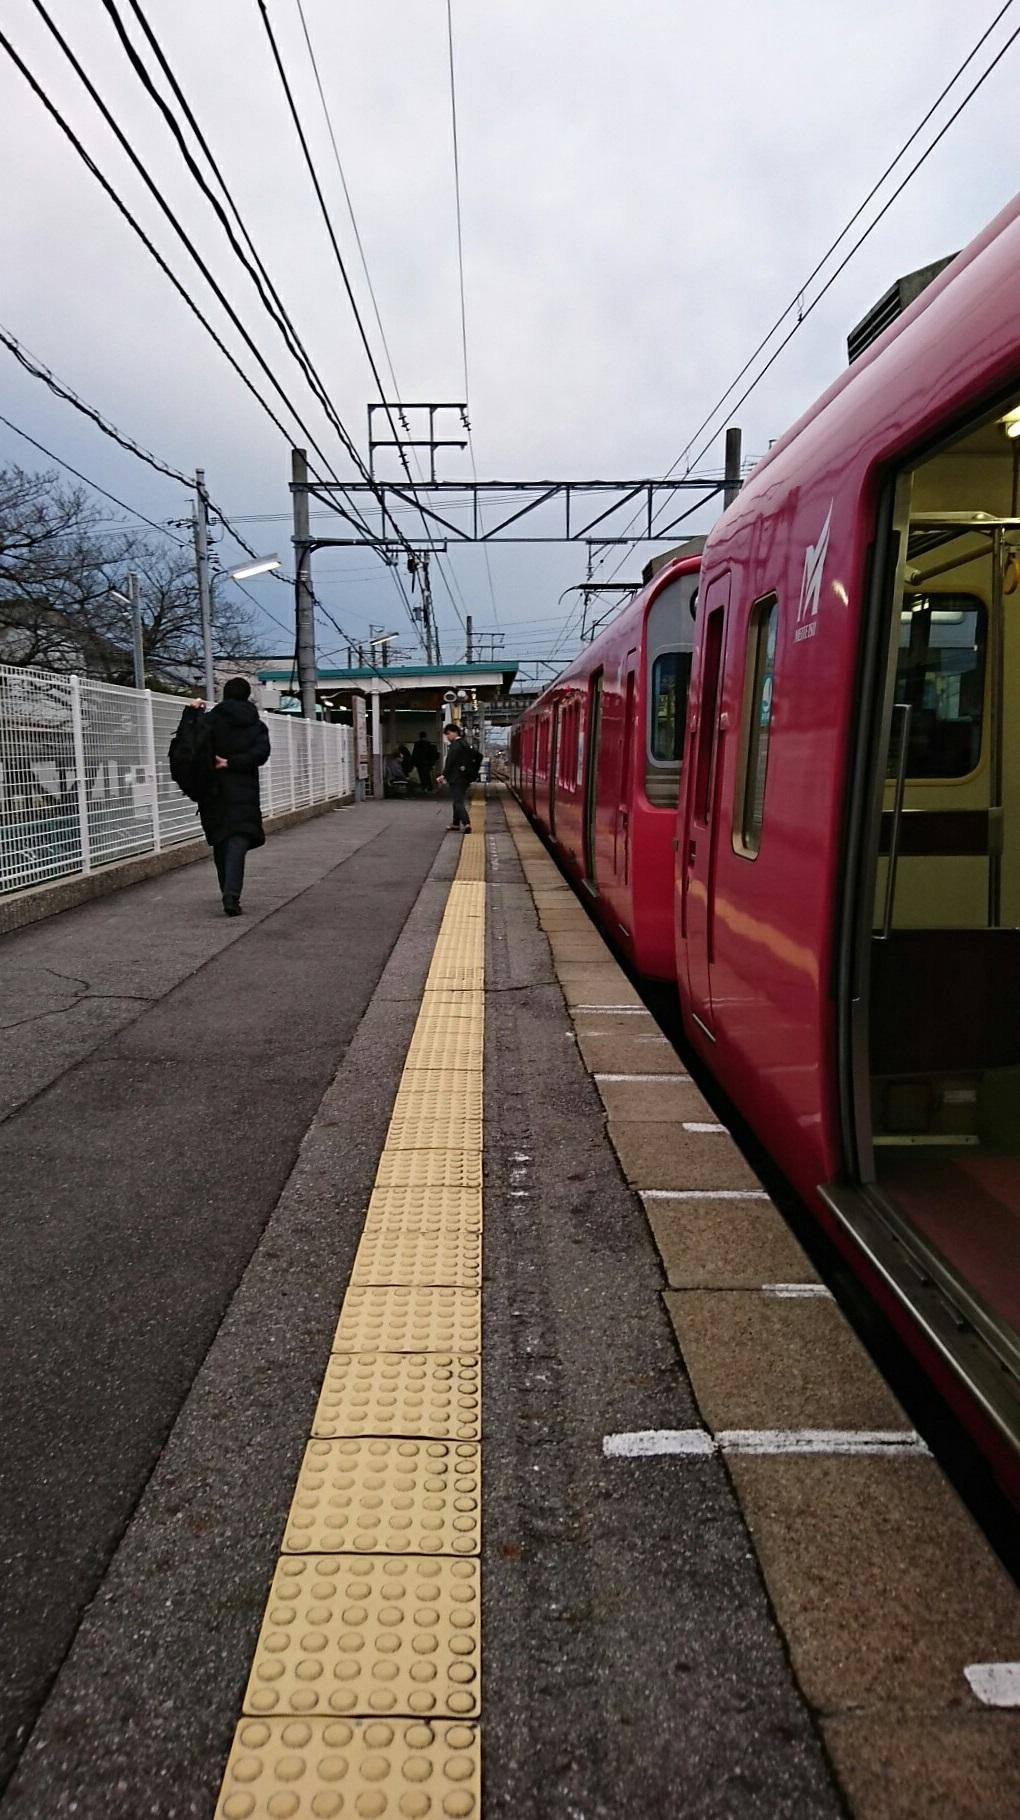 2018.2.16 西尾線 (5) 古井 - 西尾いきふつう 1020-1820